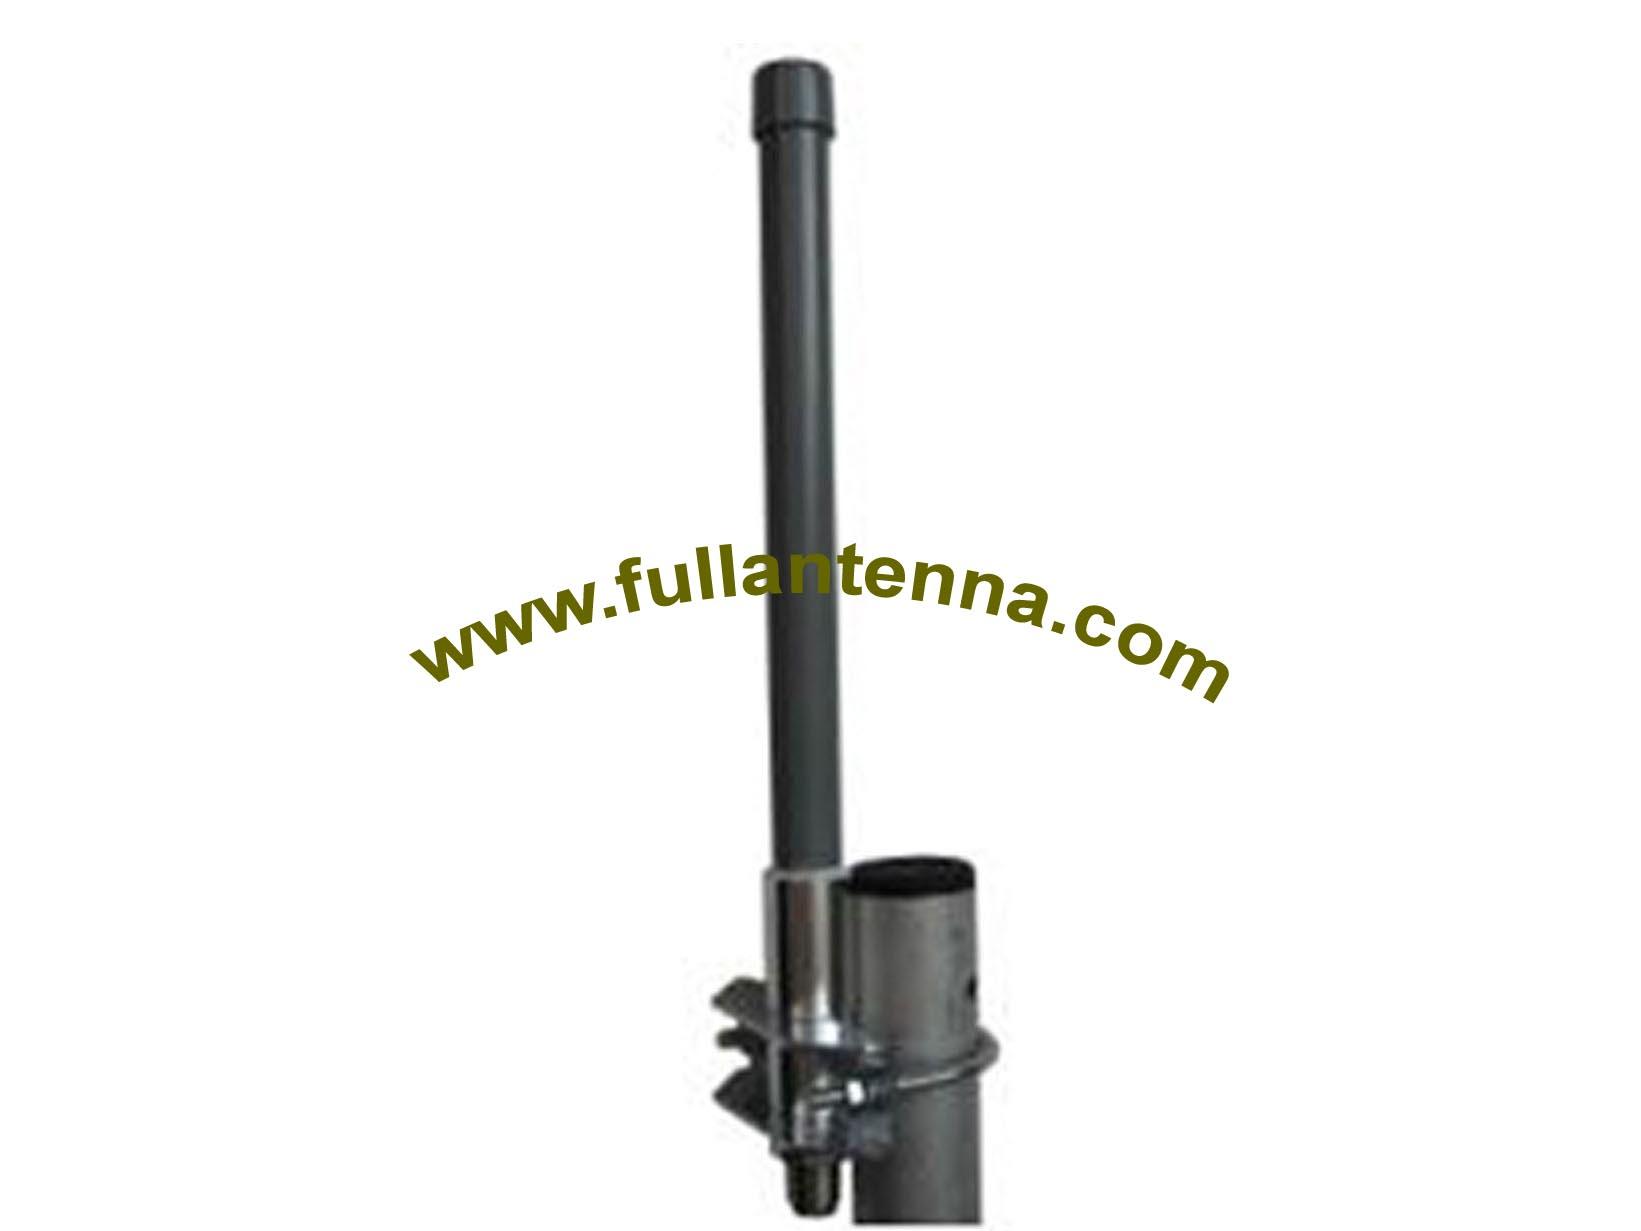 P/N:FAQ24.F08,WiFi/2.4G External Antenna,outdoor  fiberglass antenna